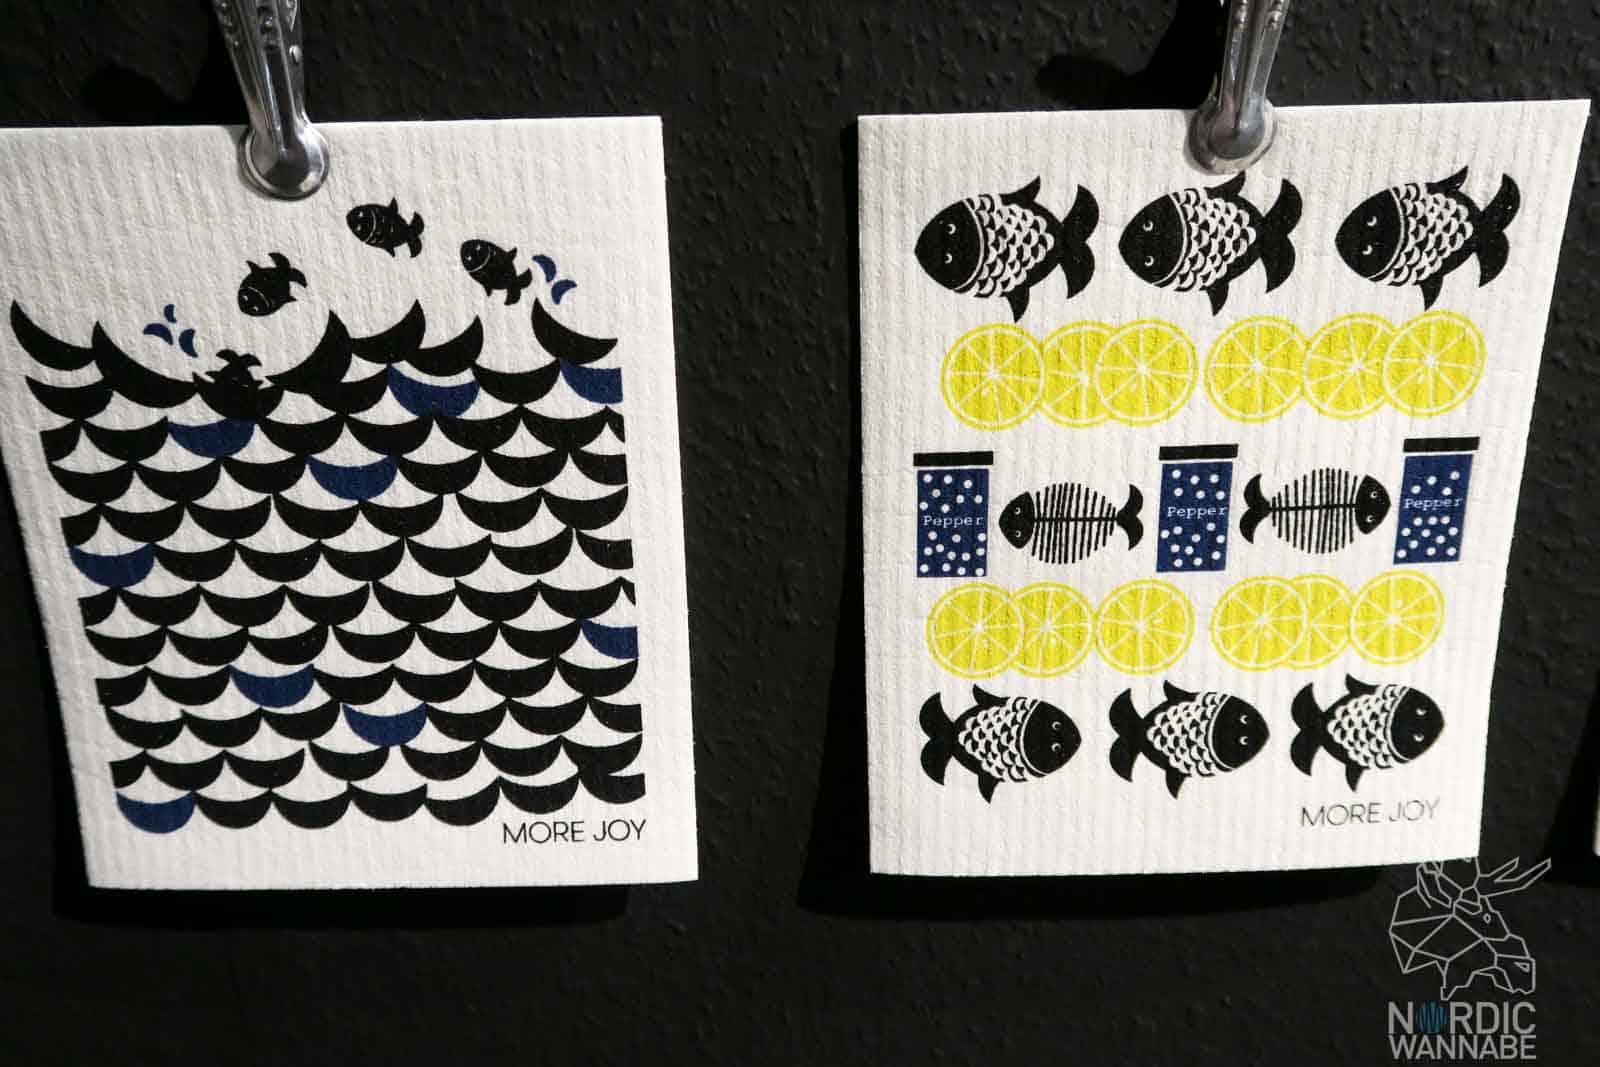 Skandinavisches Design, Norwegen Blog, Weihnachtsgeschirr, Hygge, Hammershøi, Ambiente, Frankfurt, Skandinavisch Wohnen, Dänemark, Meraki, Schweden, Design, Finnland